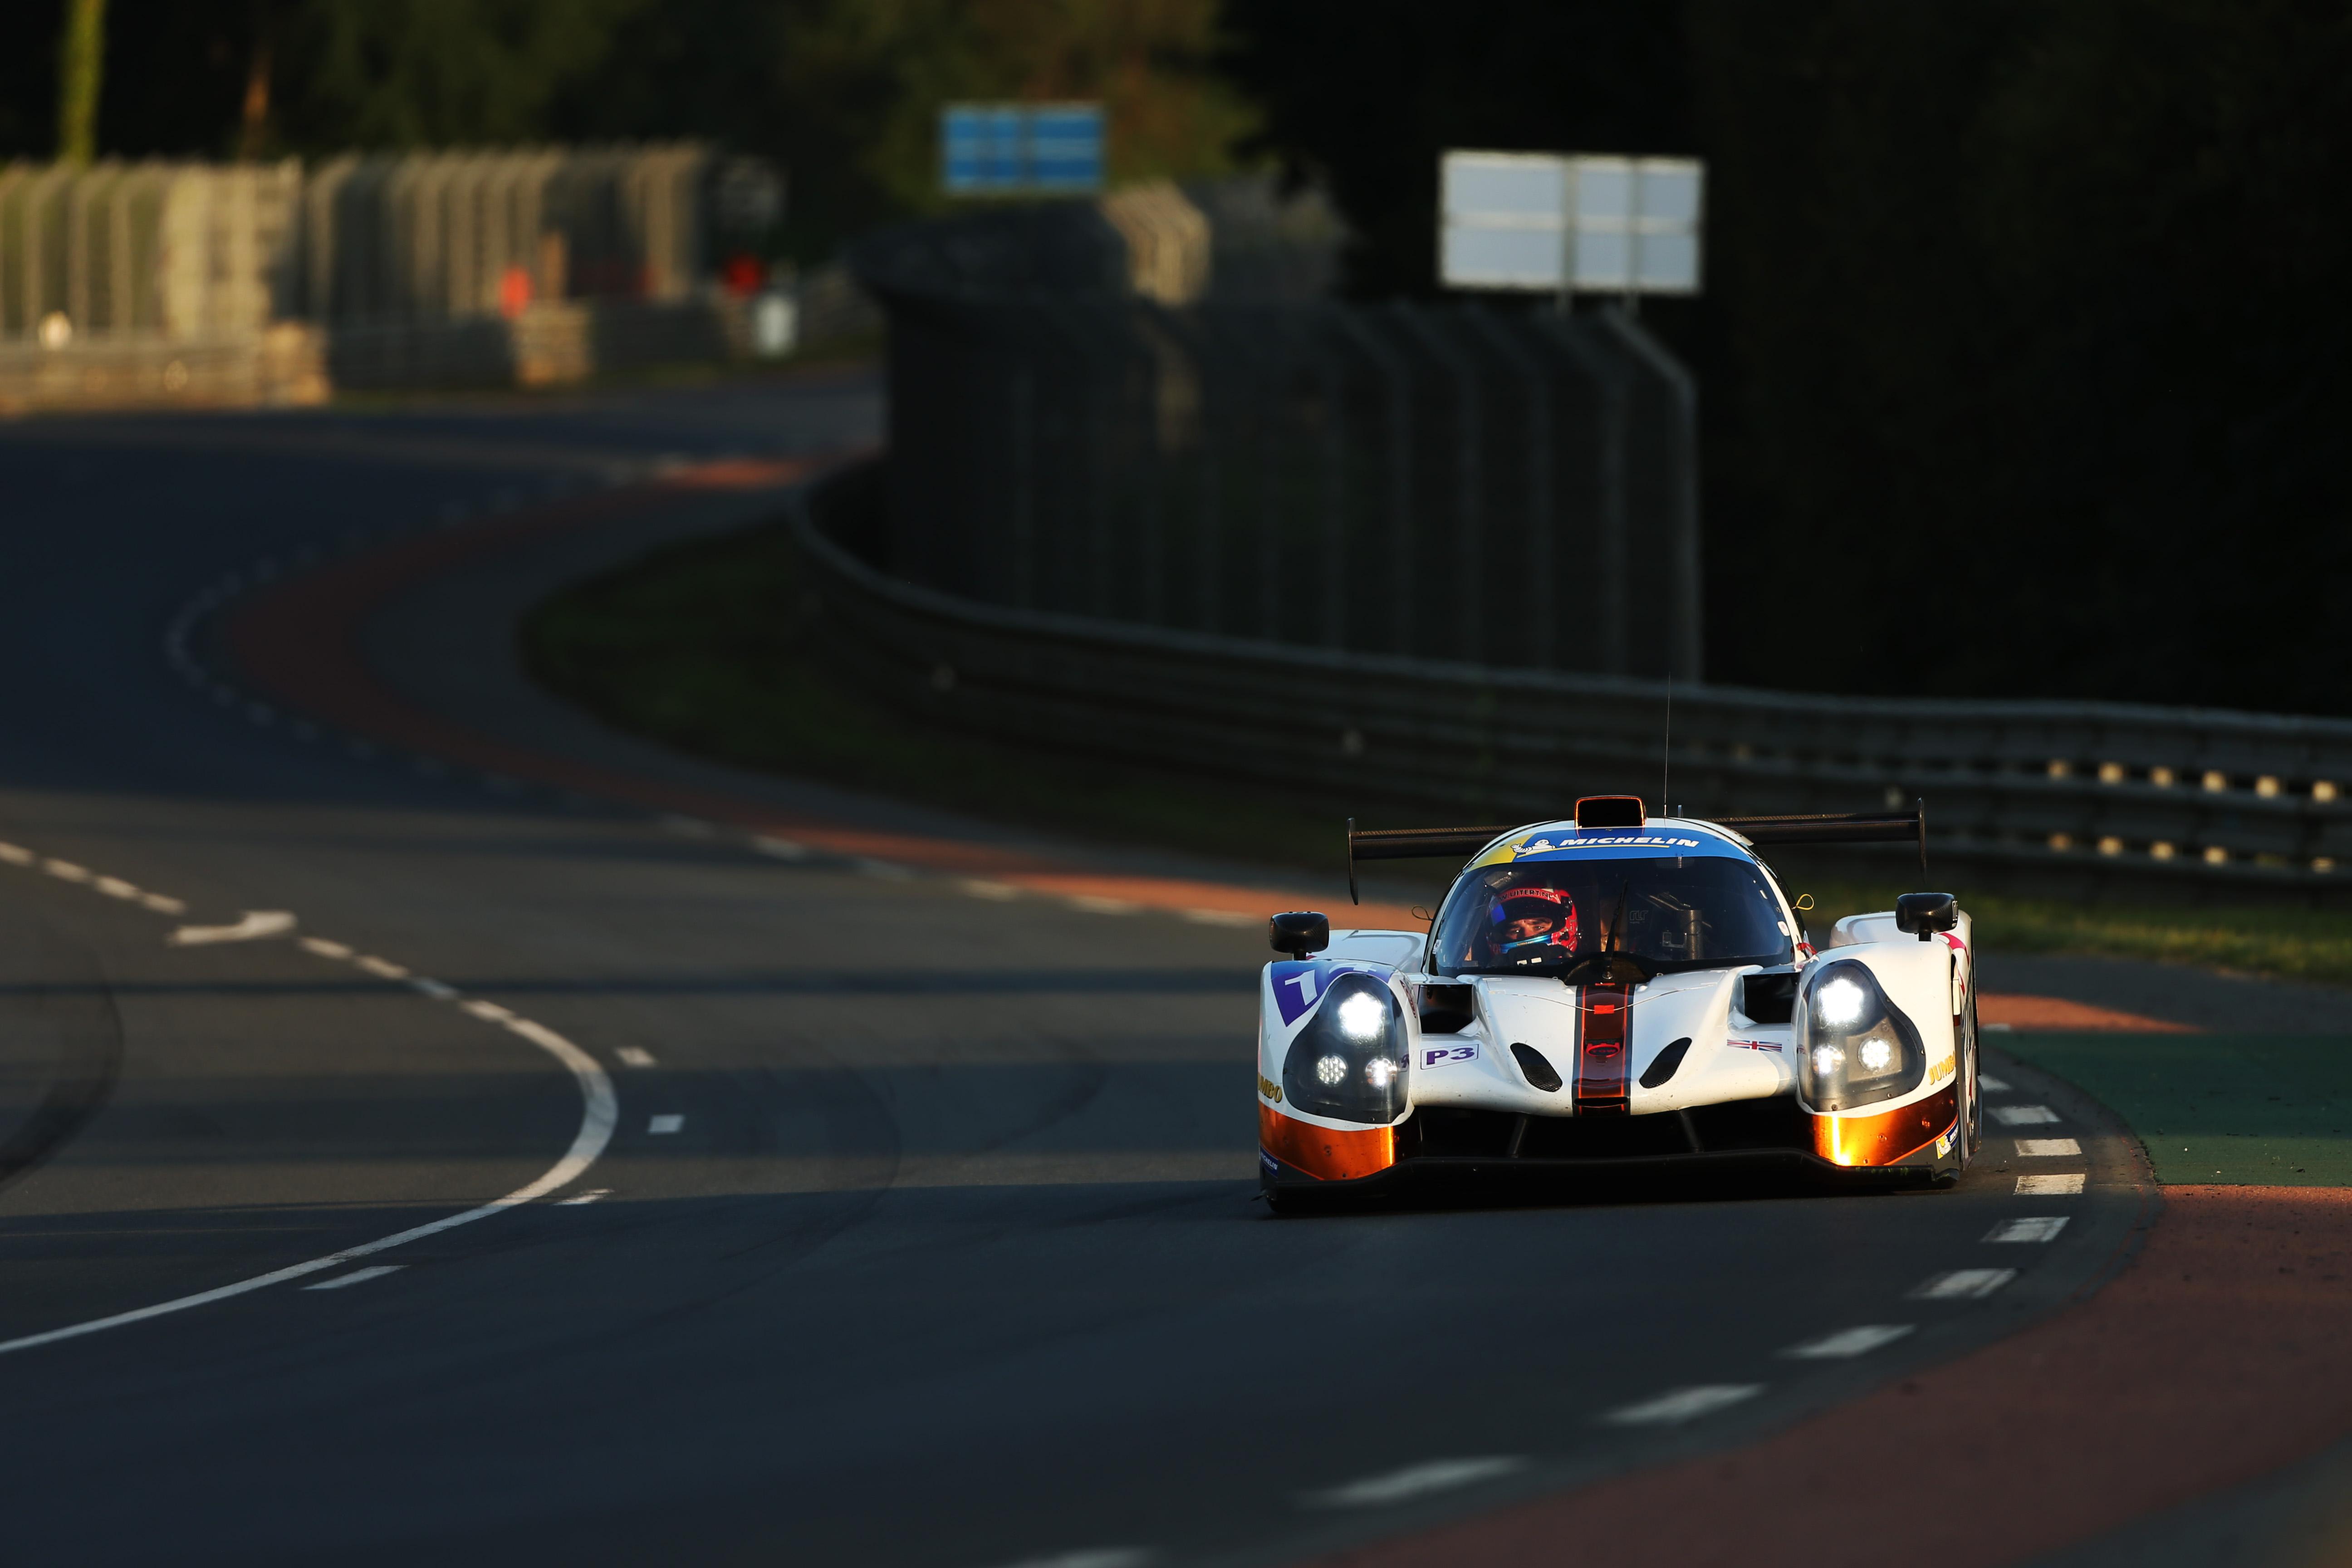 Snelle tijden en pech voor Job van Uitert bij debuut op Le Mans